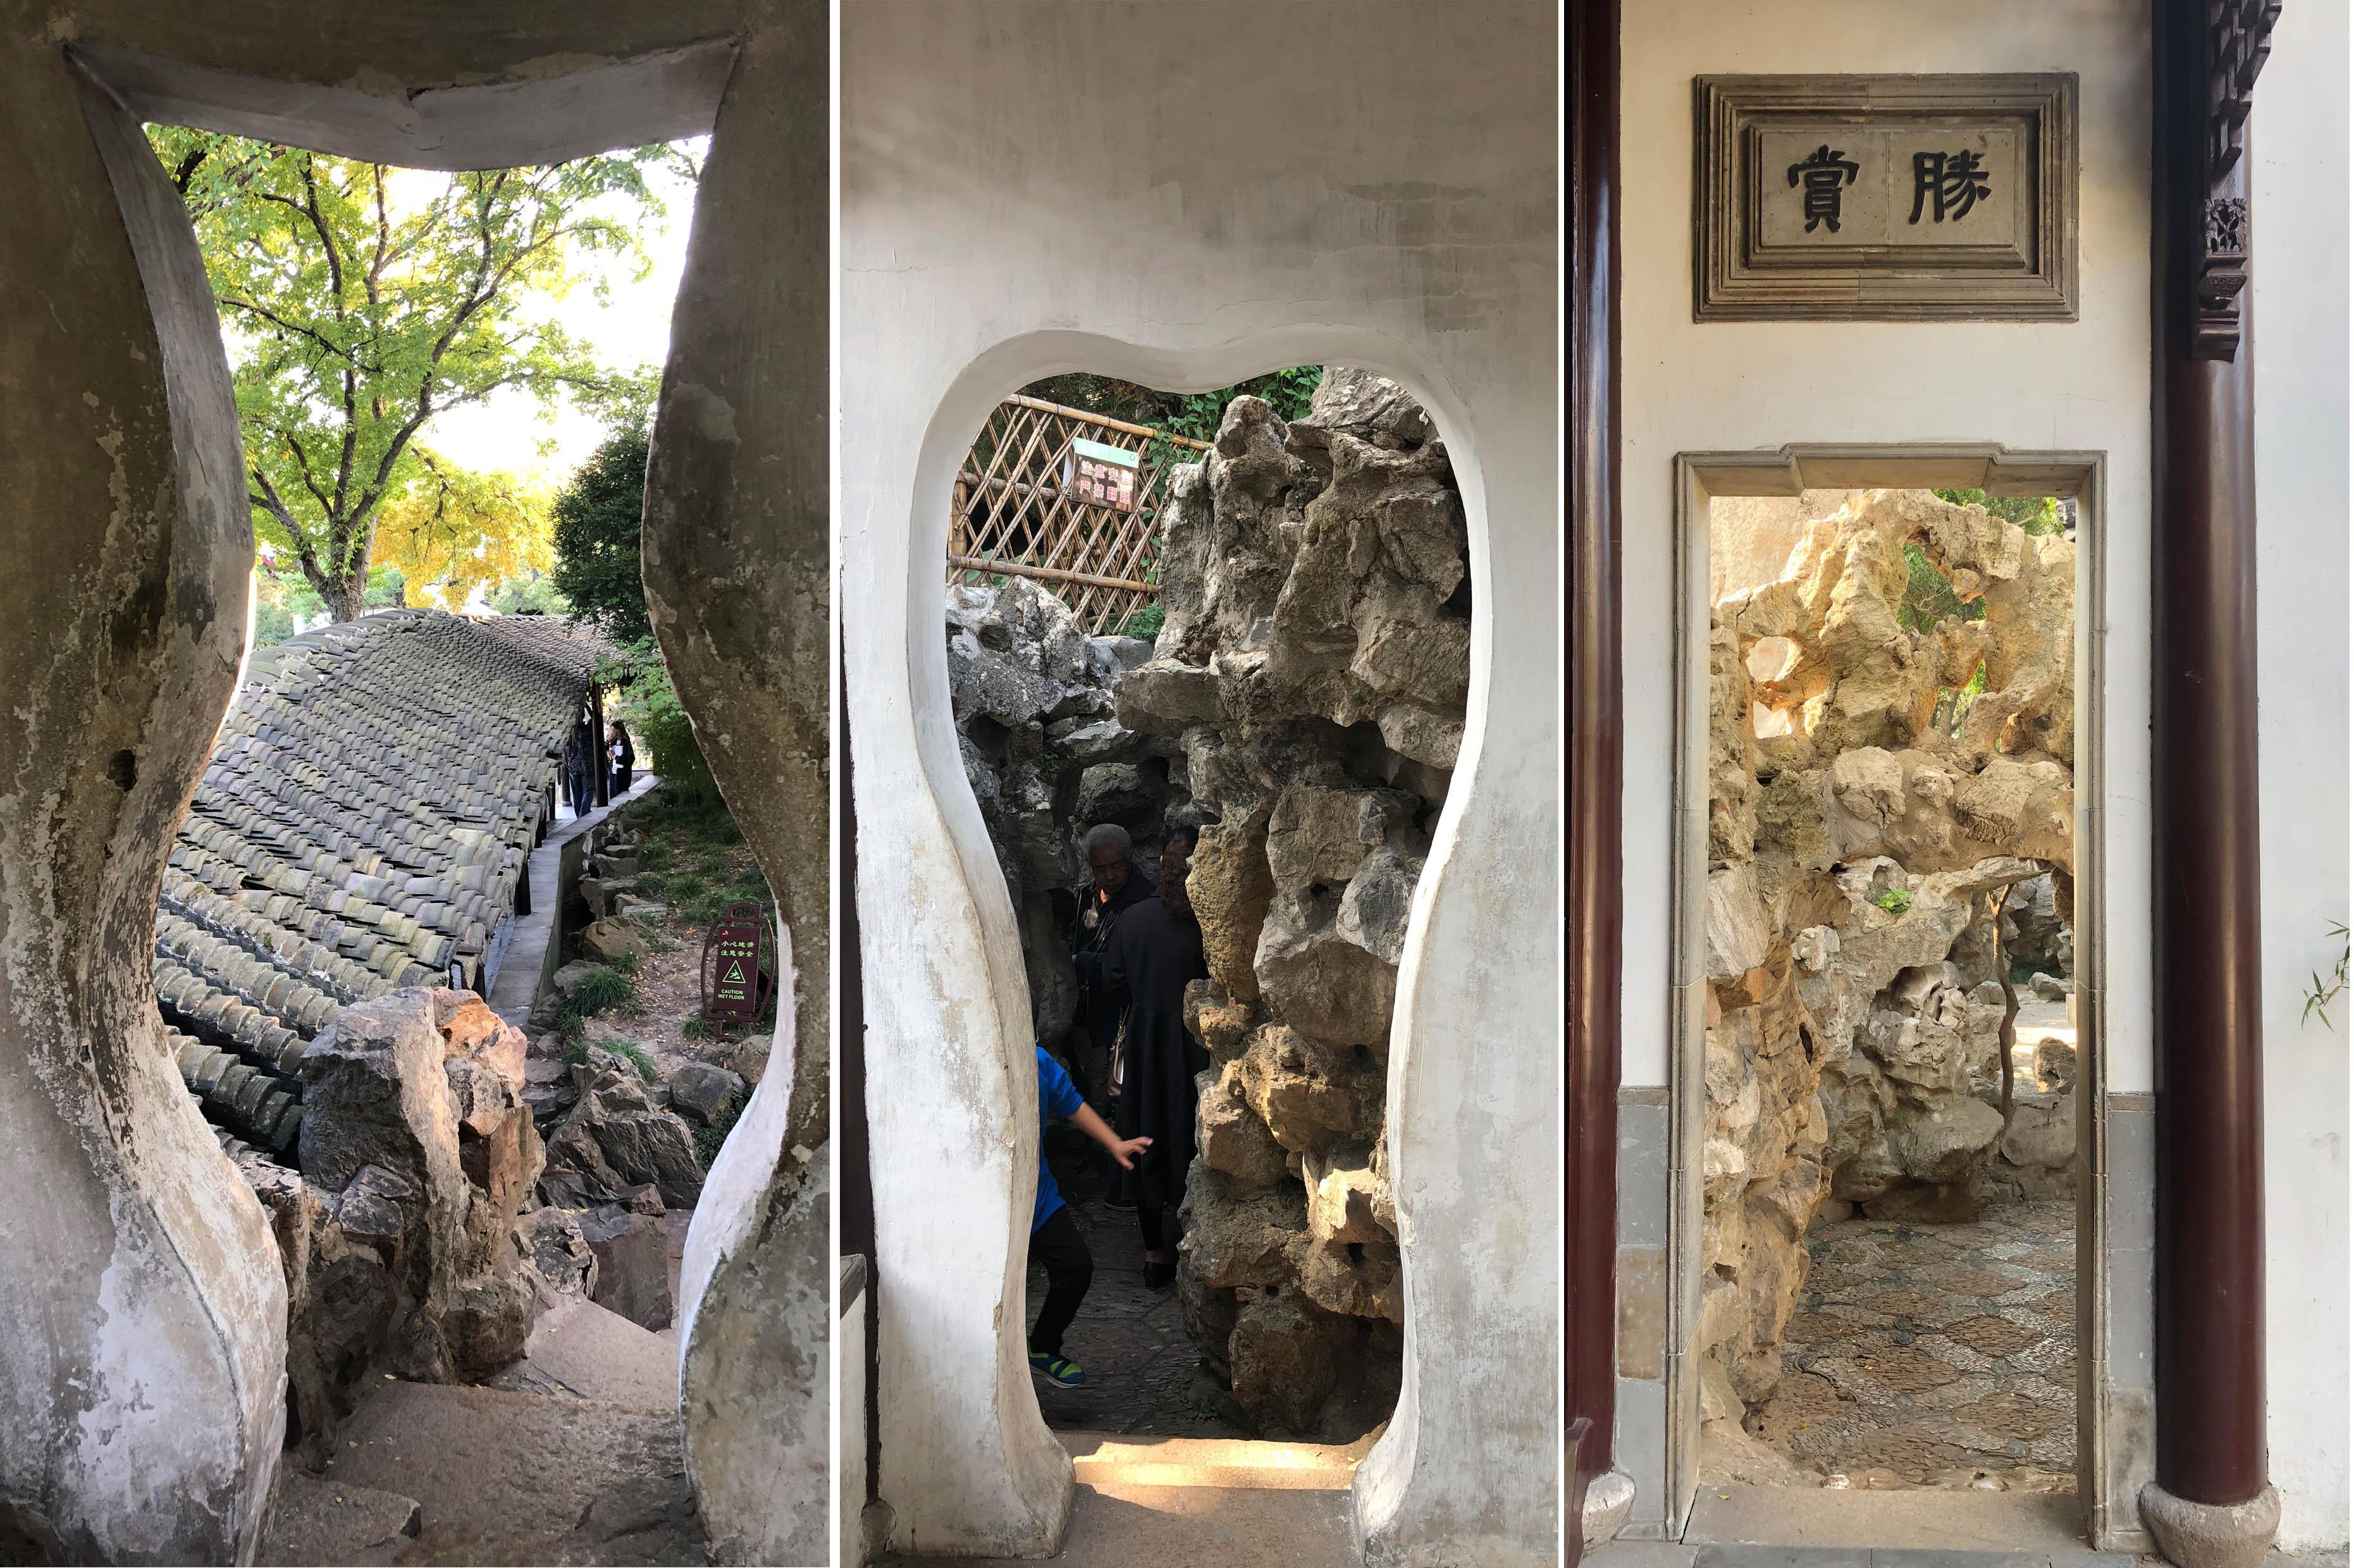 江南园林:小空间的营造法则